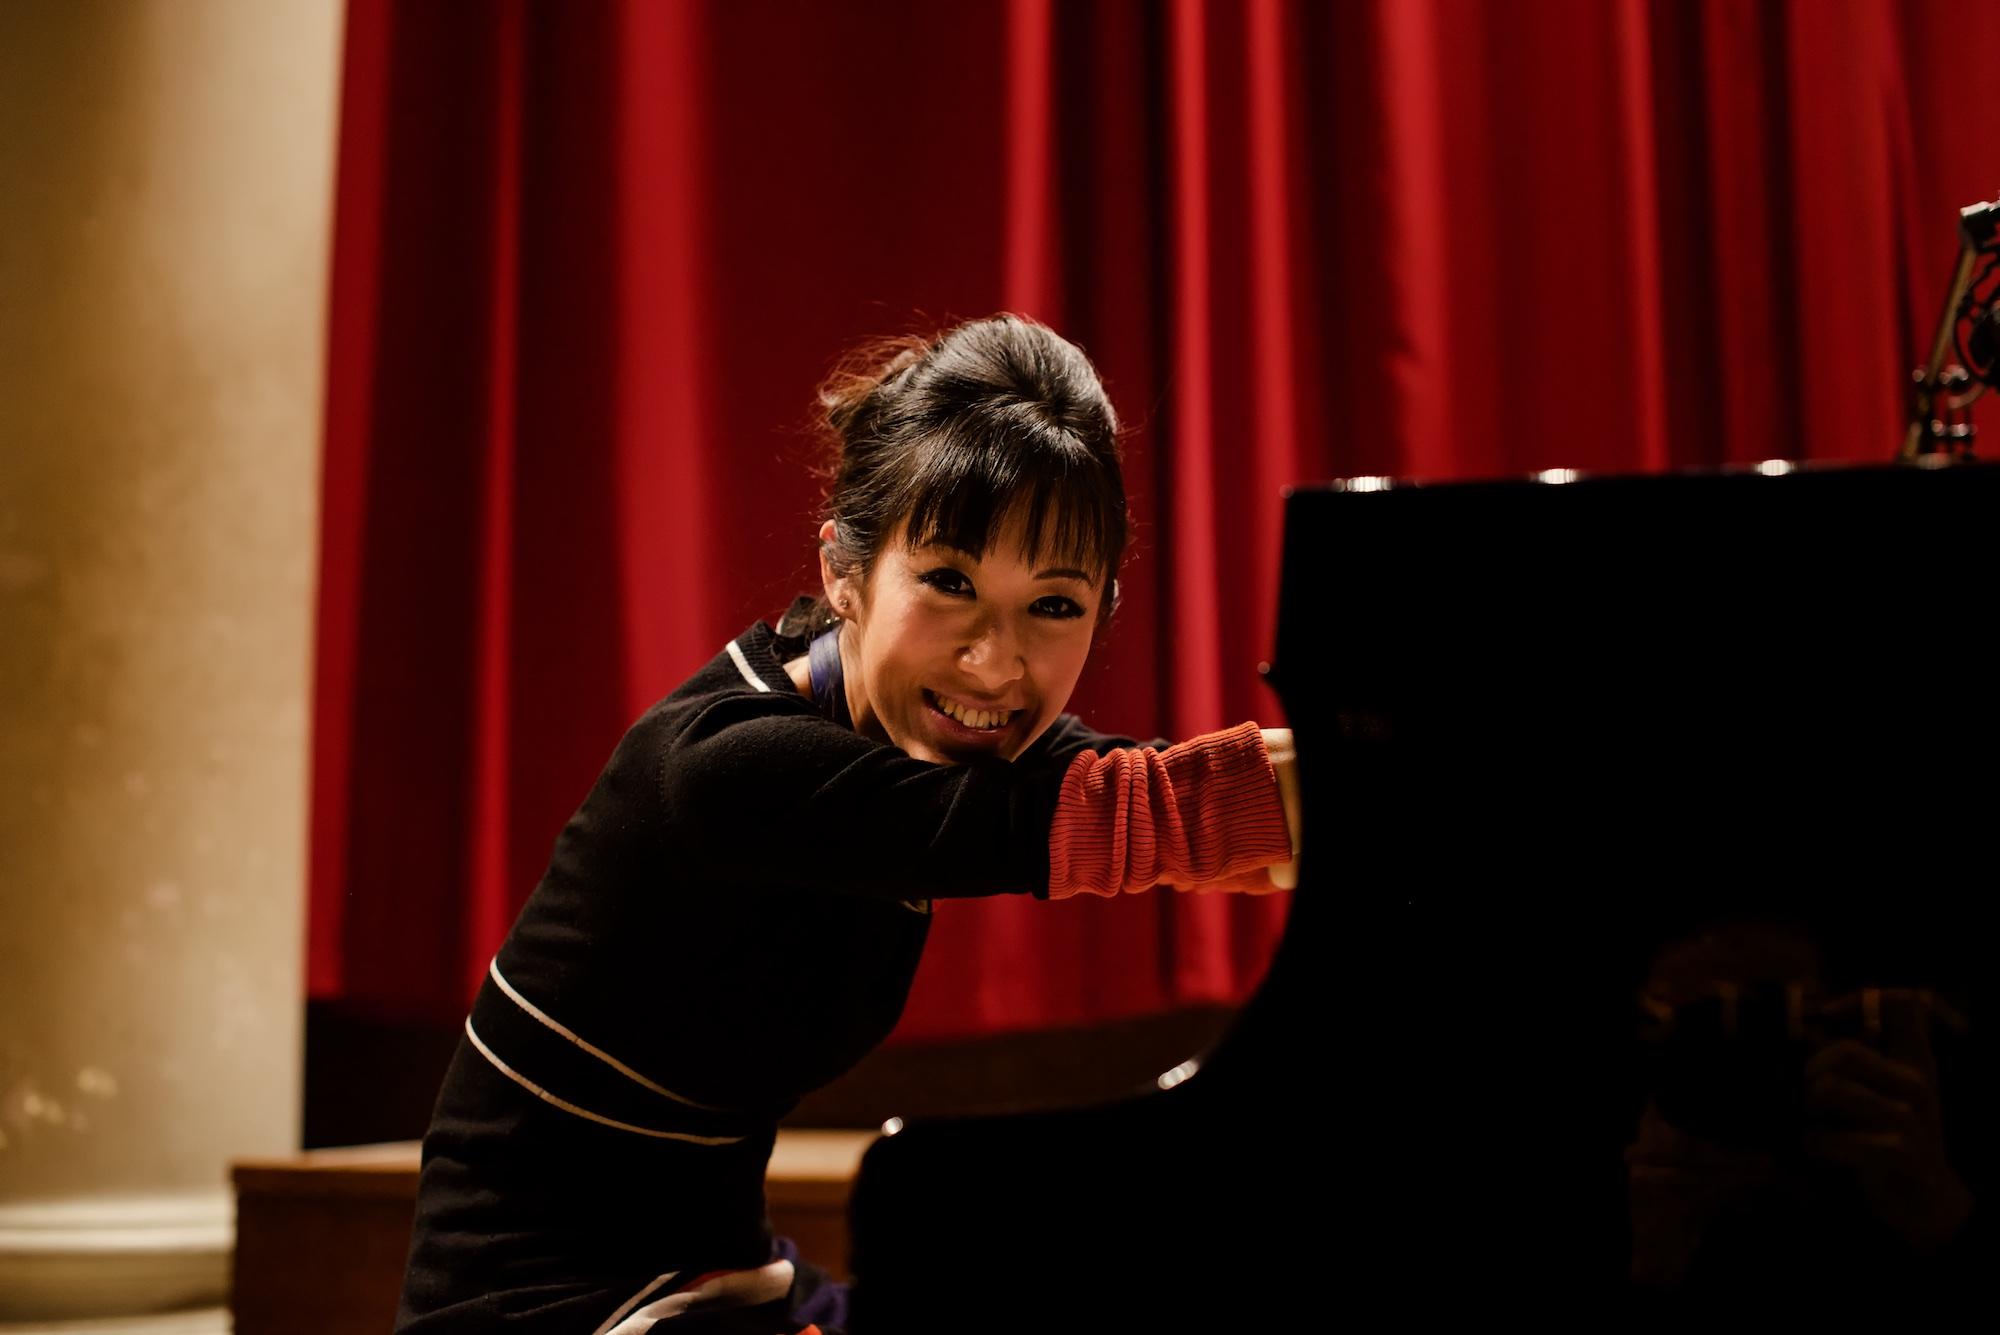 aisa ijiri carnegie hall steinway piano-10